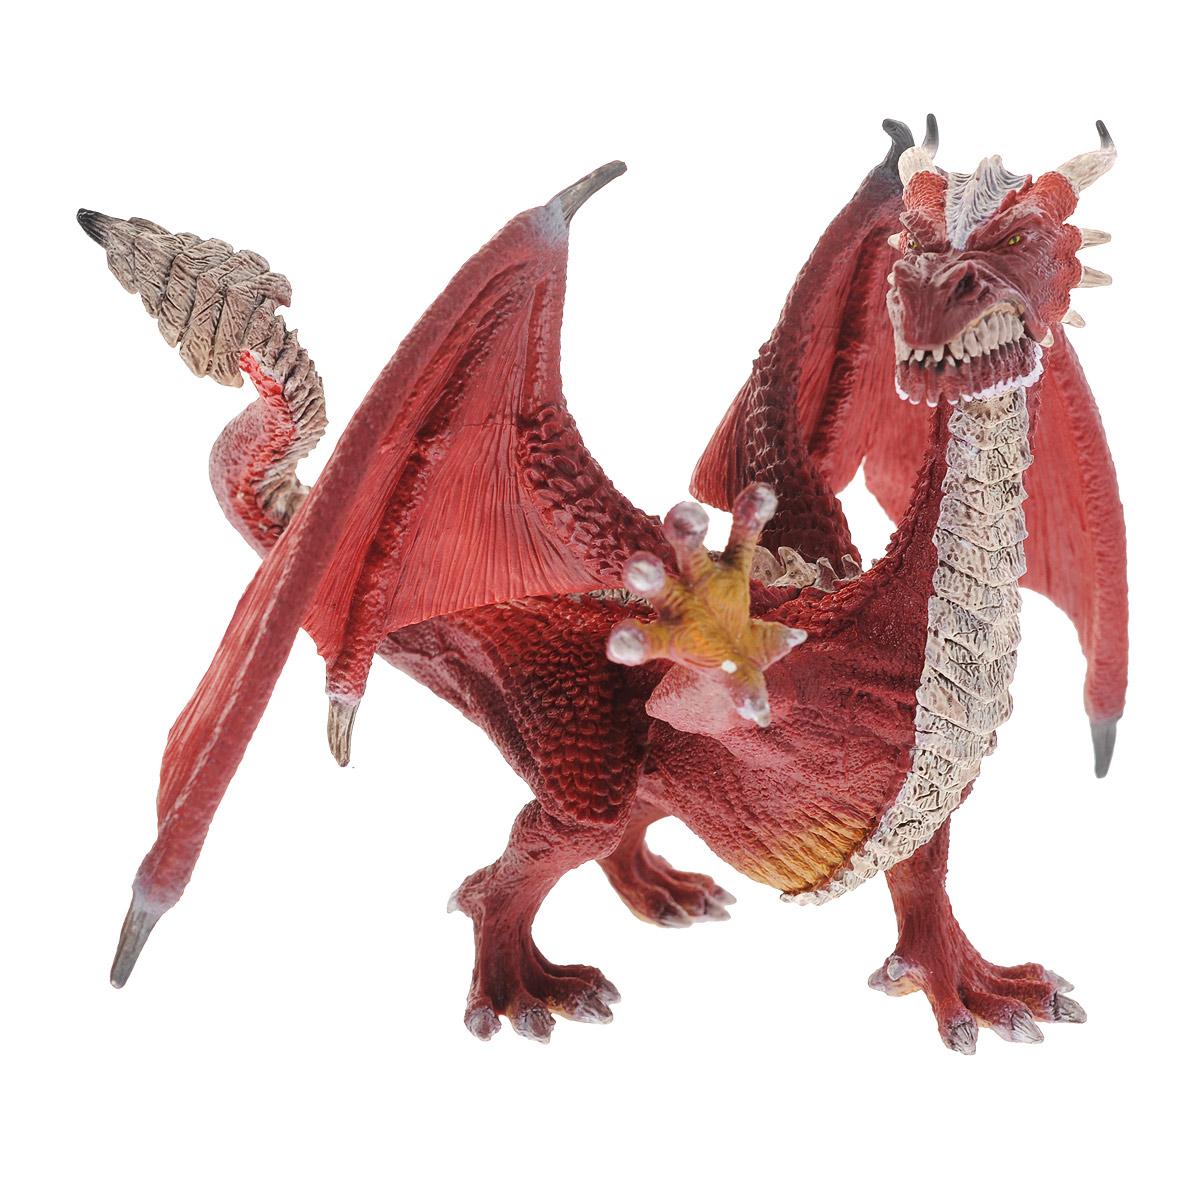 Schleich Фигурка Дракон Воин70512Великолепная фигурка Schleich Дракон Воин станет прекрасным подарком для вашего ребенка. Она высоко детализирована, и выполнена из каучукового пластика в виде дракона с гребнем из шипов. Фигурка дракона выполнена в красных цветах. Пасть дракона открывается. У него острые когти и зубы, а также большие широкие крылья. Мощные и сильные лапы позволяют дракону легко перемещаться и отталкиваться от земли. Такая фигурка непременно понравится вашему ребенку, а также привлечет внимание взрослых коллекционеров, и станет замечательным украшением любой коллекции. Восхитительная фигурка сделает игры с рыцарями и воинами еще увлекательнее! У Дракона Воина самый горячий и сильный огонь. Благодаря ему, он очень быстро разрушает здания и целые города.